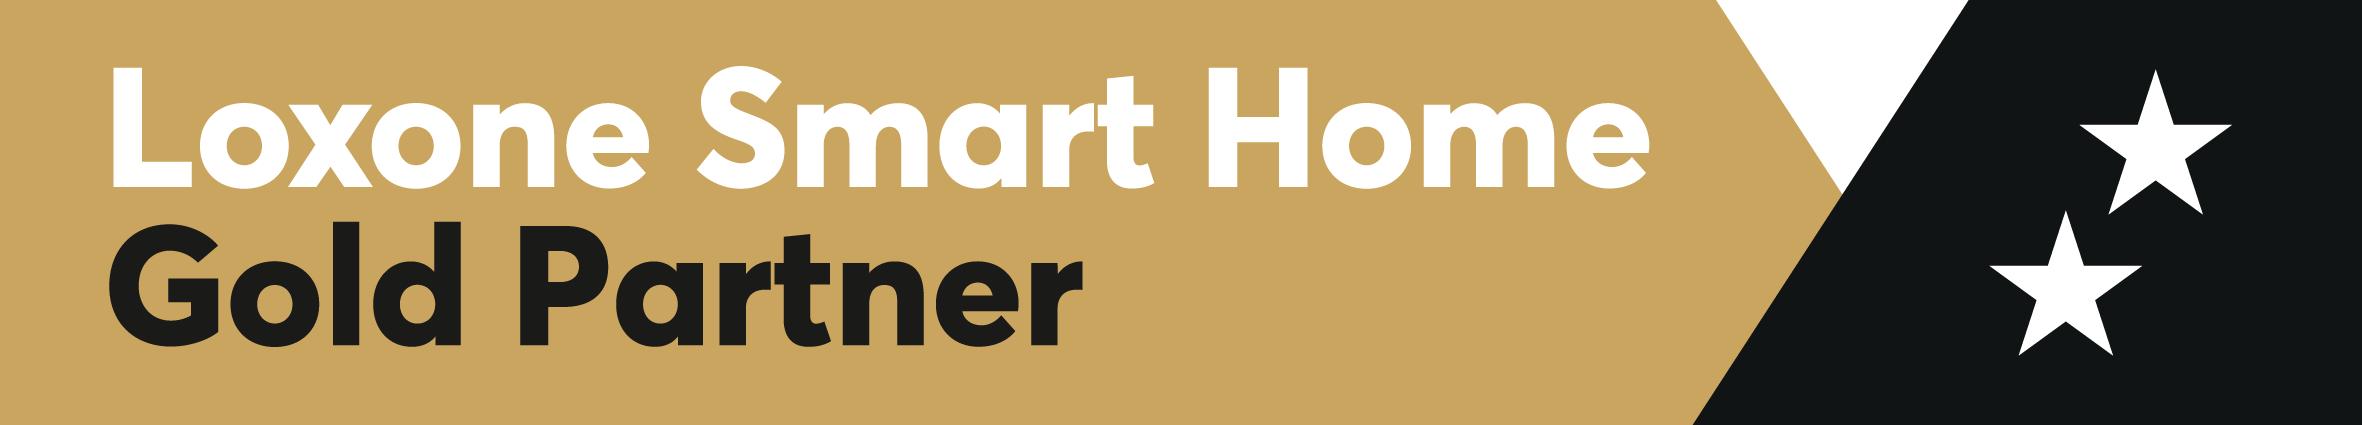 Blog - Wir heißen unseren achten Gold Partner willkommen: Hometec | Loxone